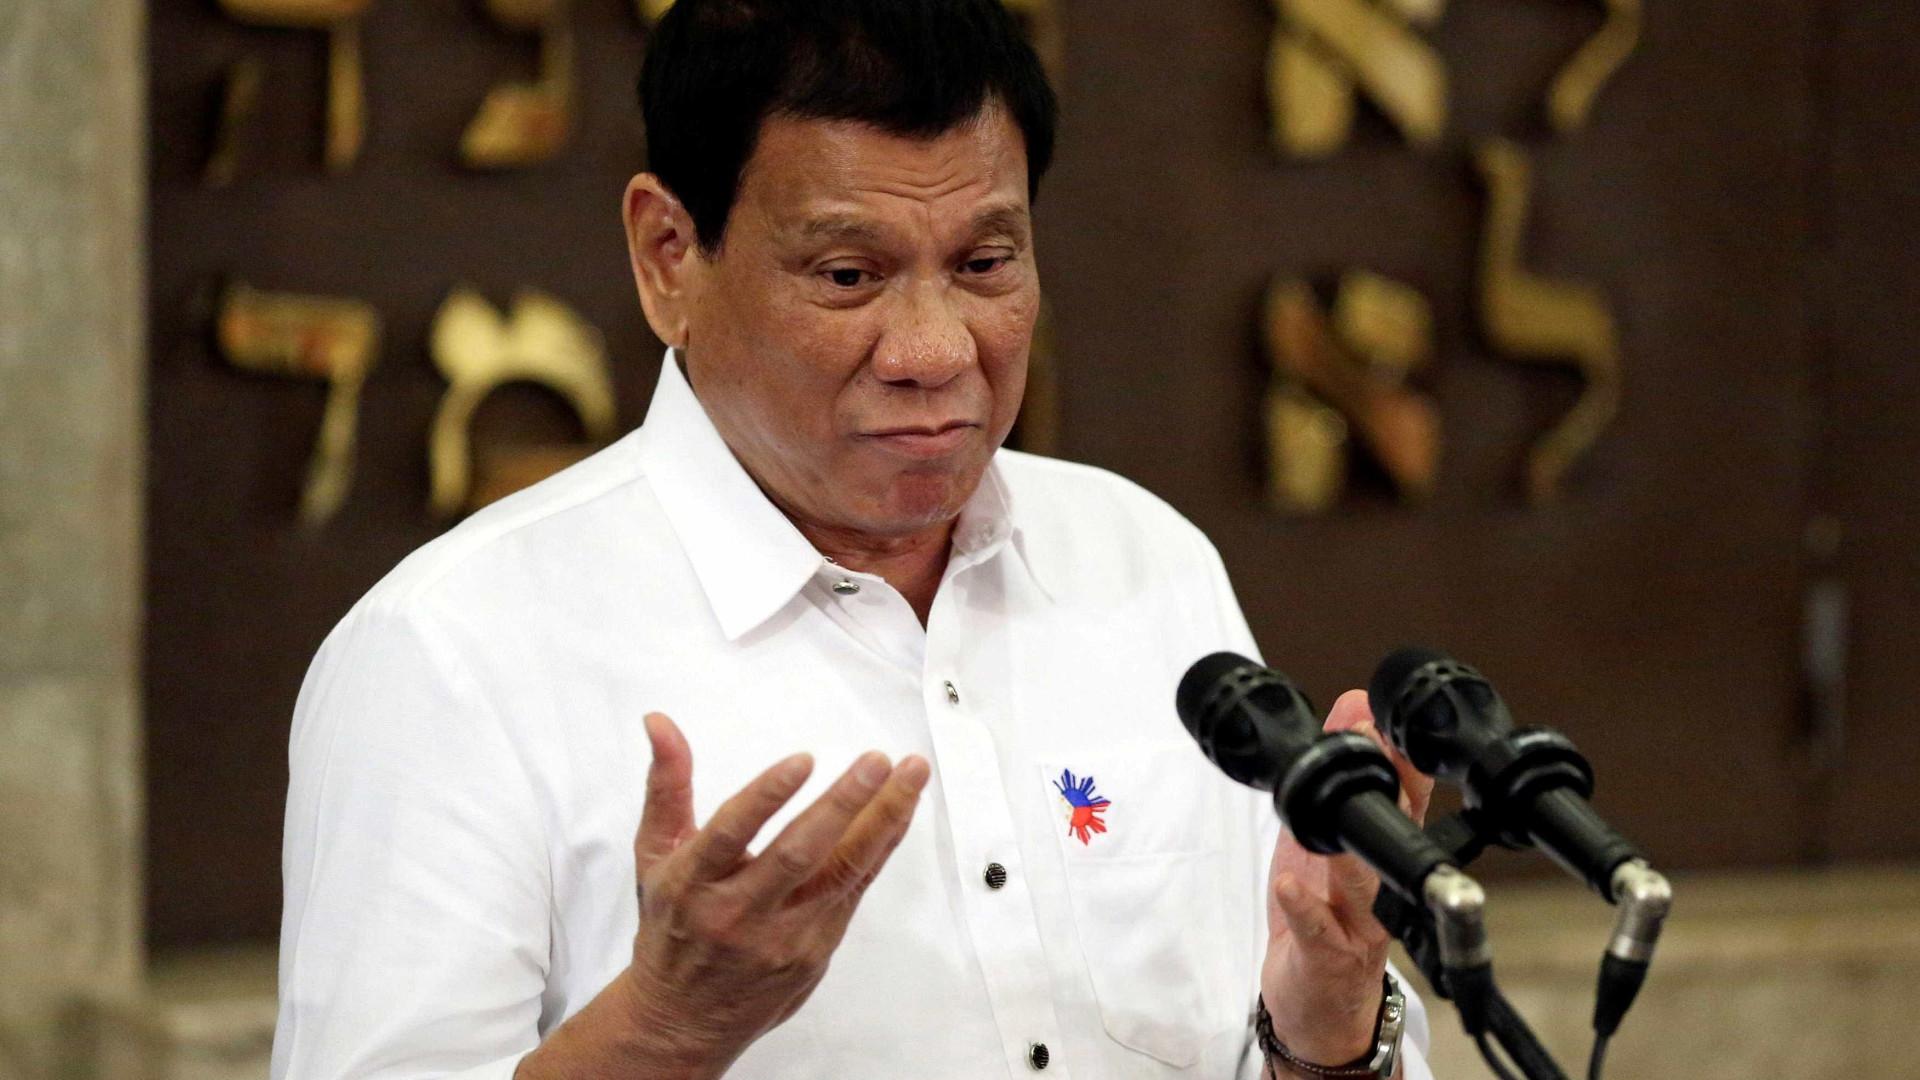 Presidente das Filipinas pede aumento salarial: 'Tenho 2 esposas'